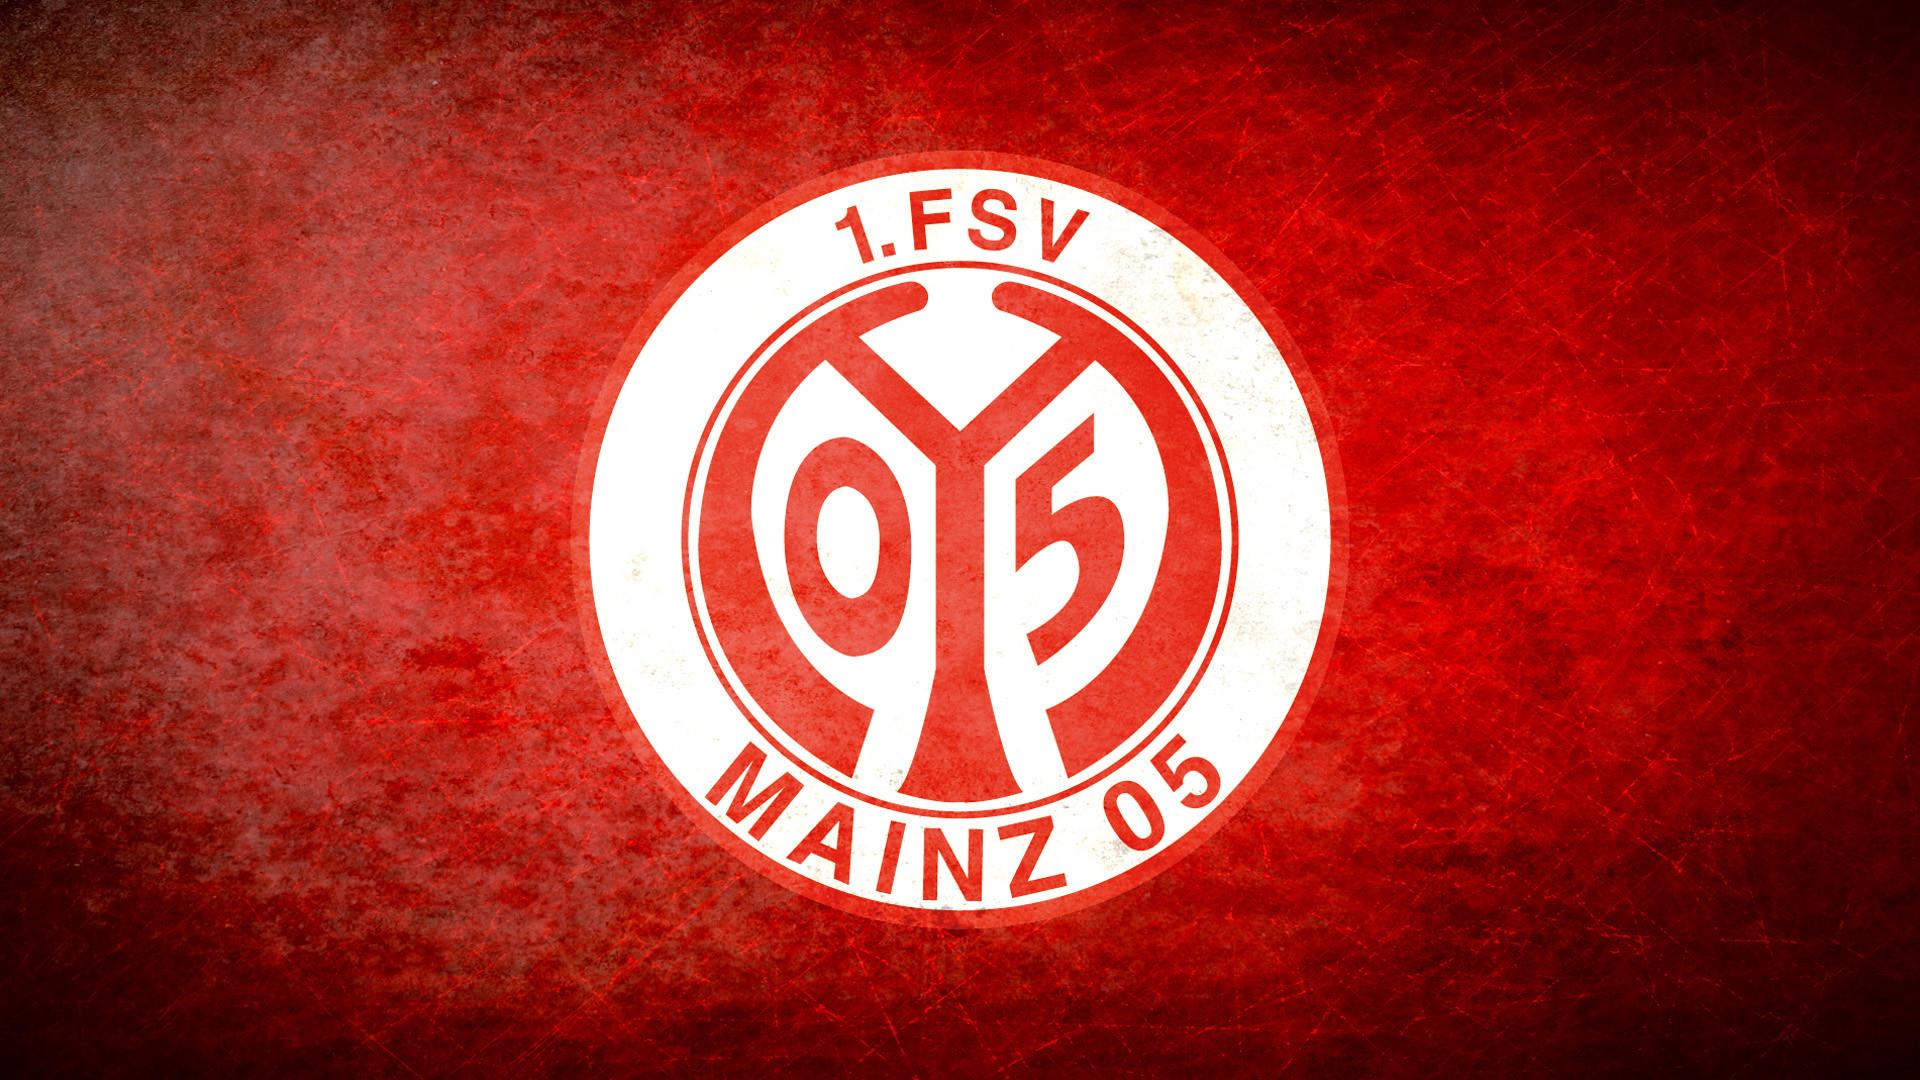 1 FSV Mainz 05 Wallpapers -01, Football Wallpapers, Football .